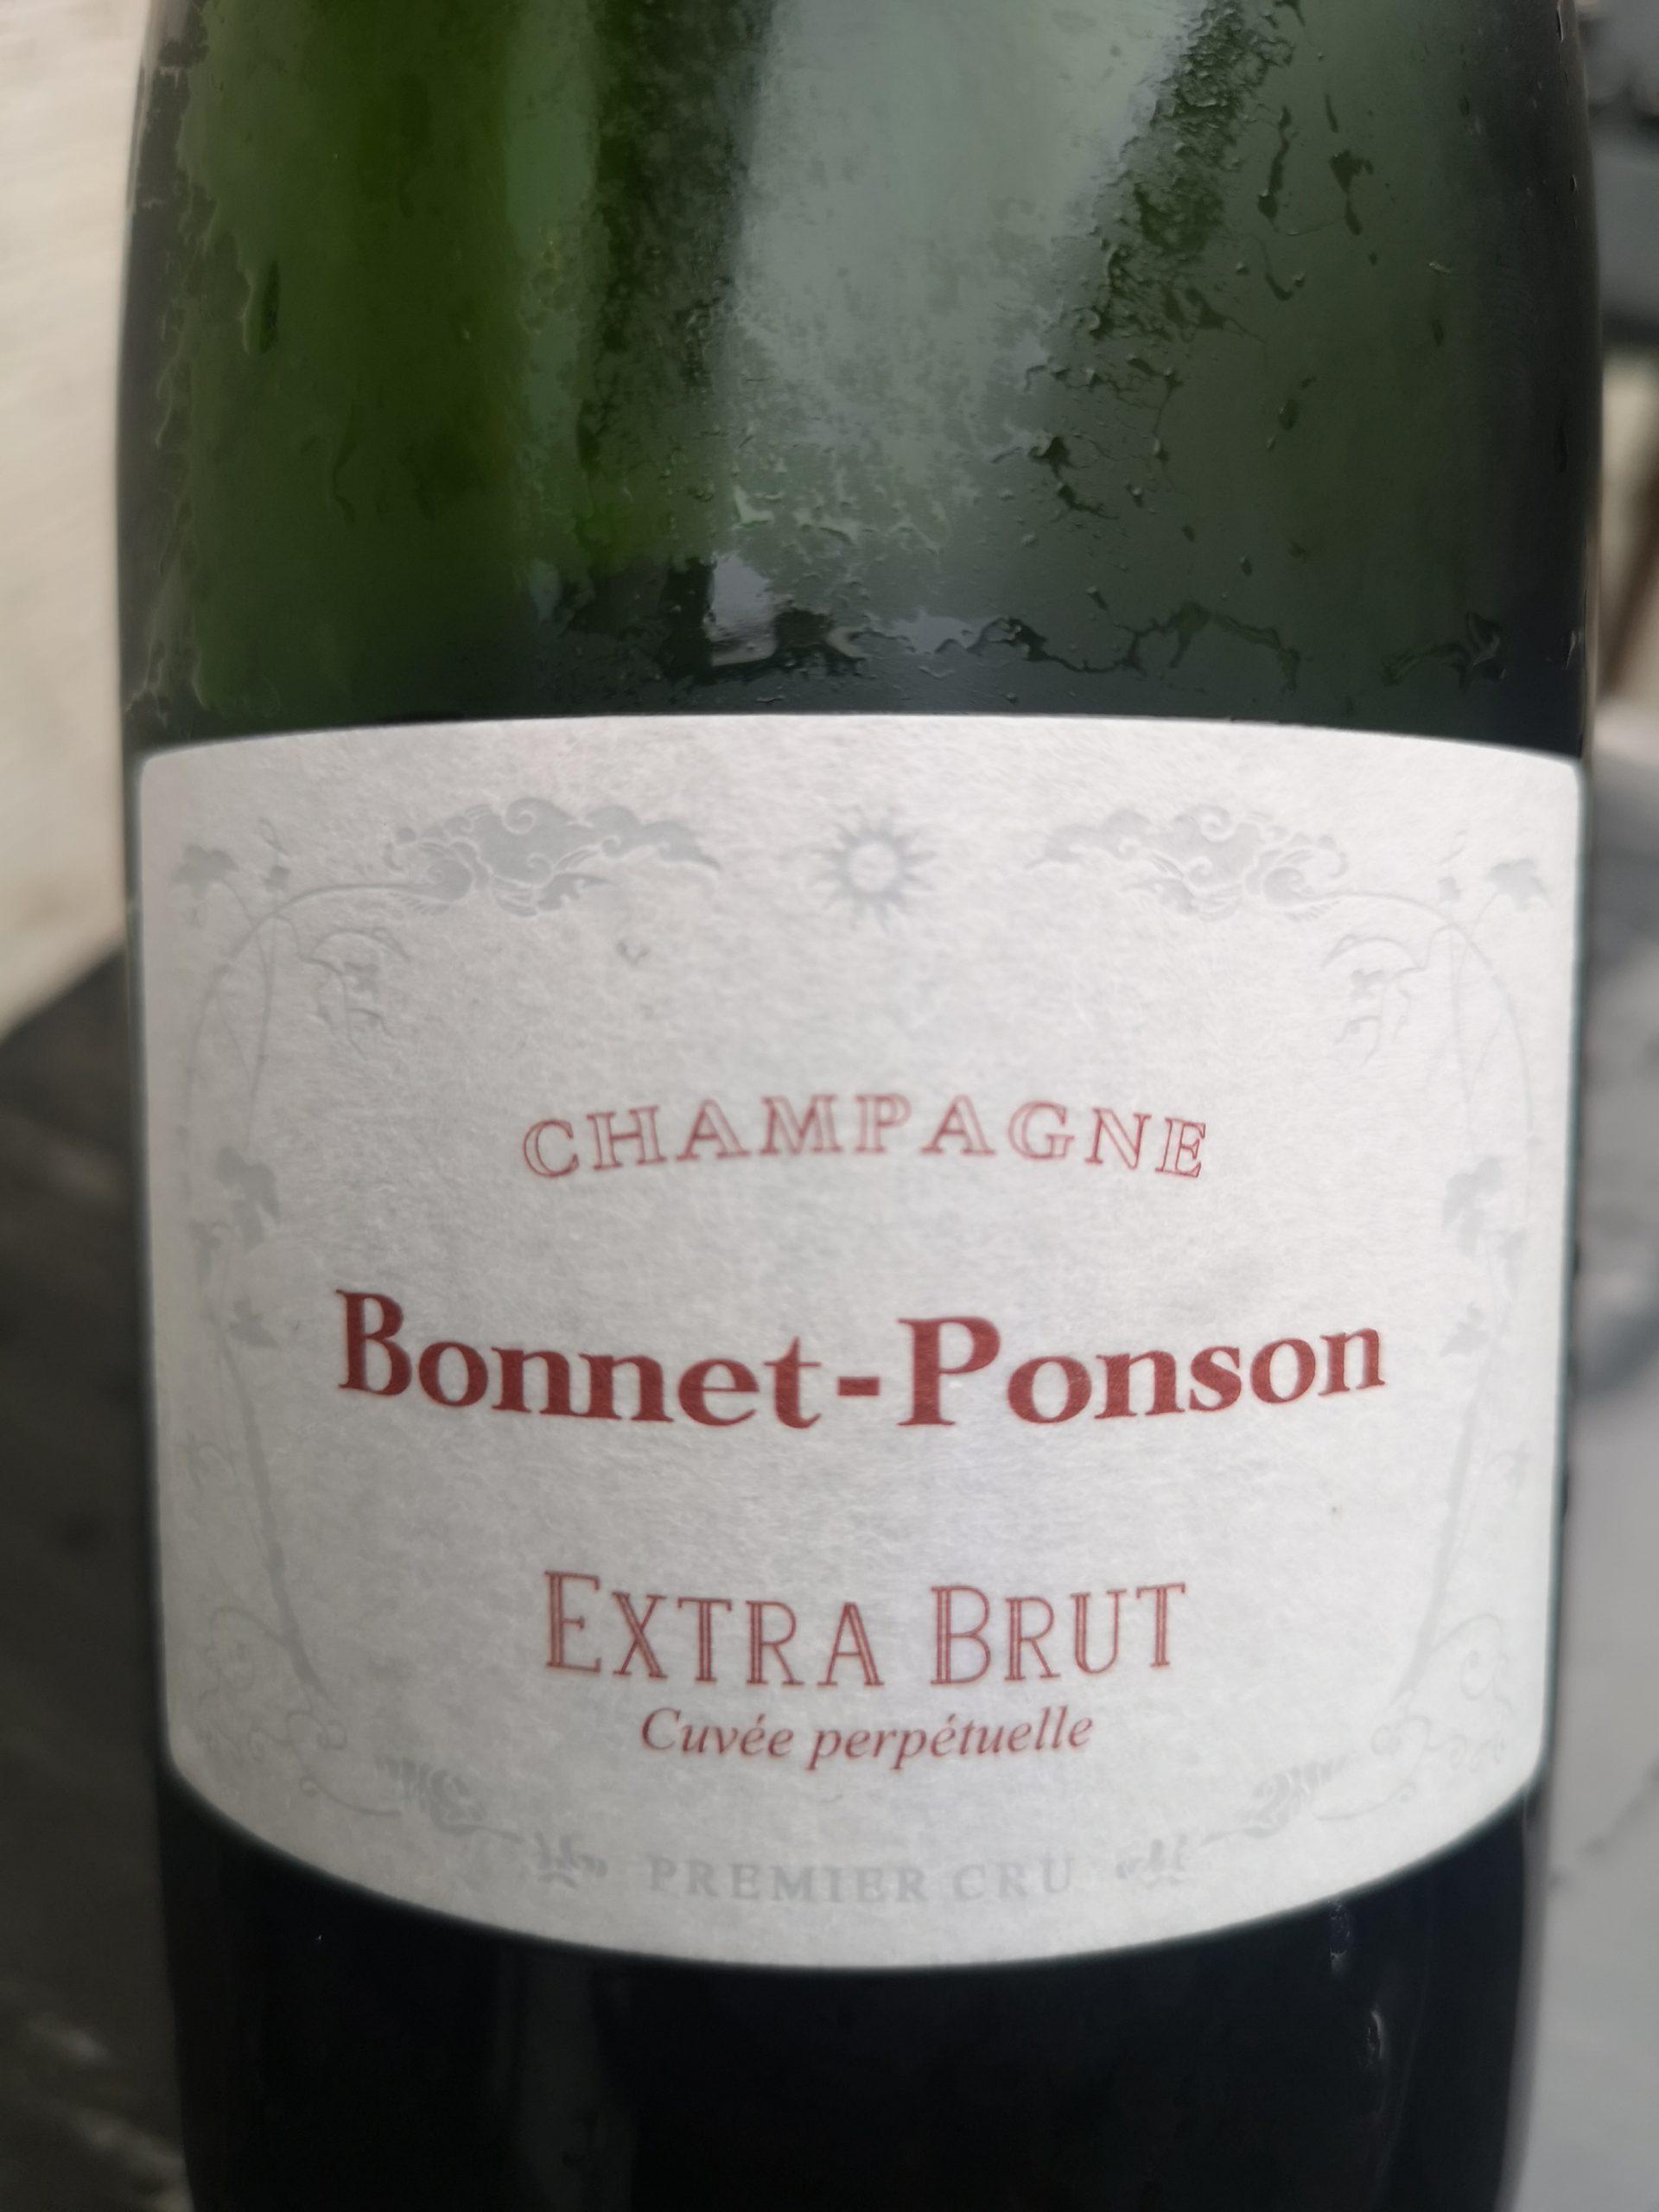 -nv- Champagne Perpétuelle | Bonnet-Ponsot